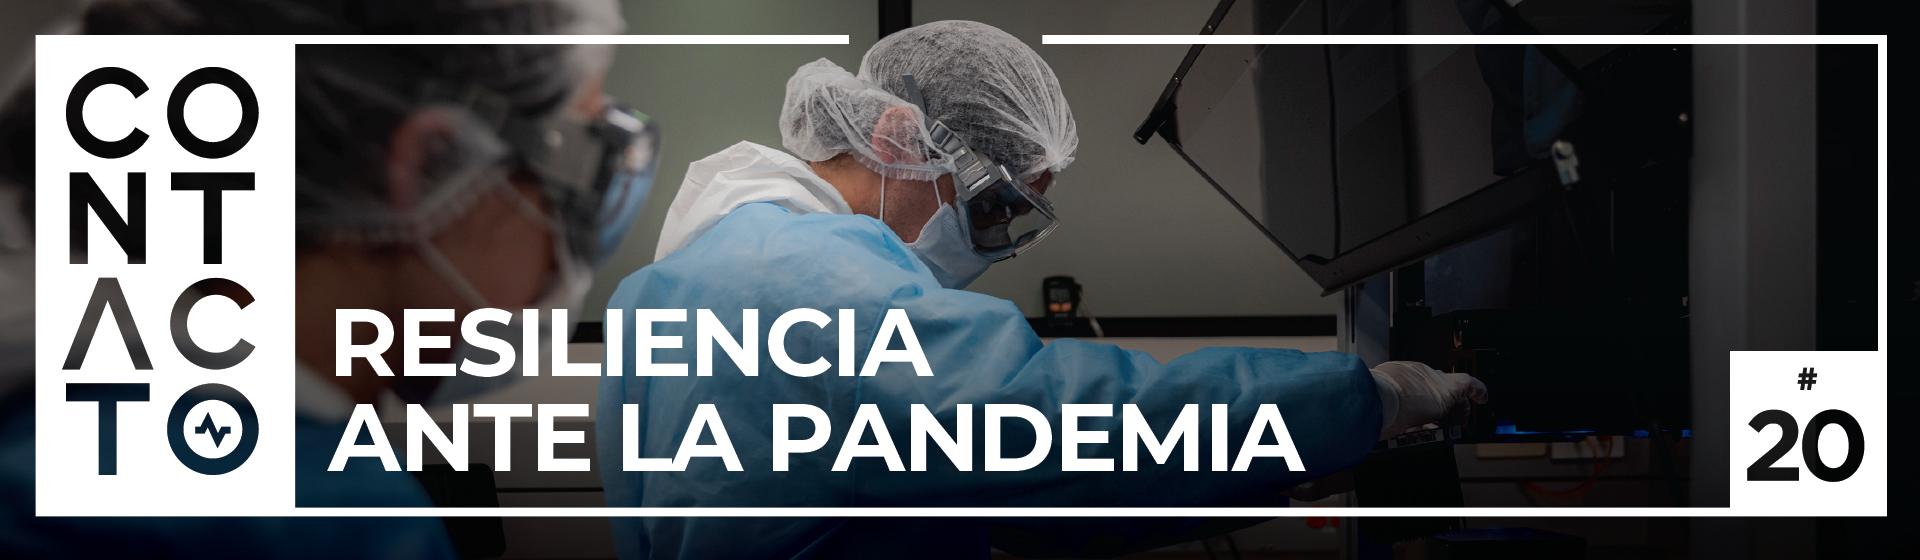 Revista CONTACTO: Resiliencia ante la pandemia